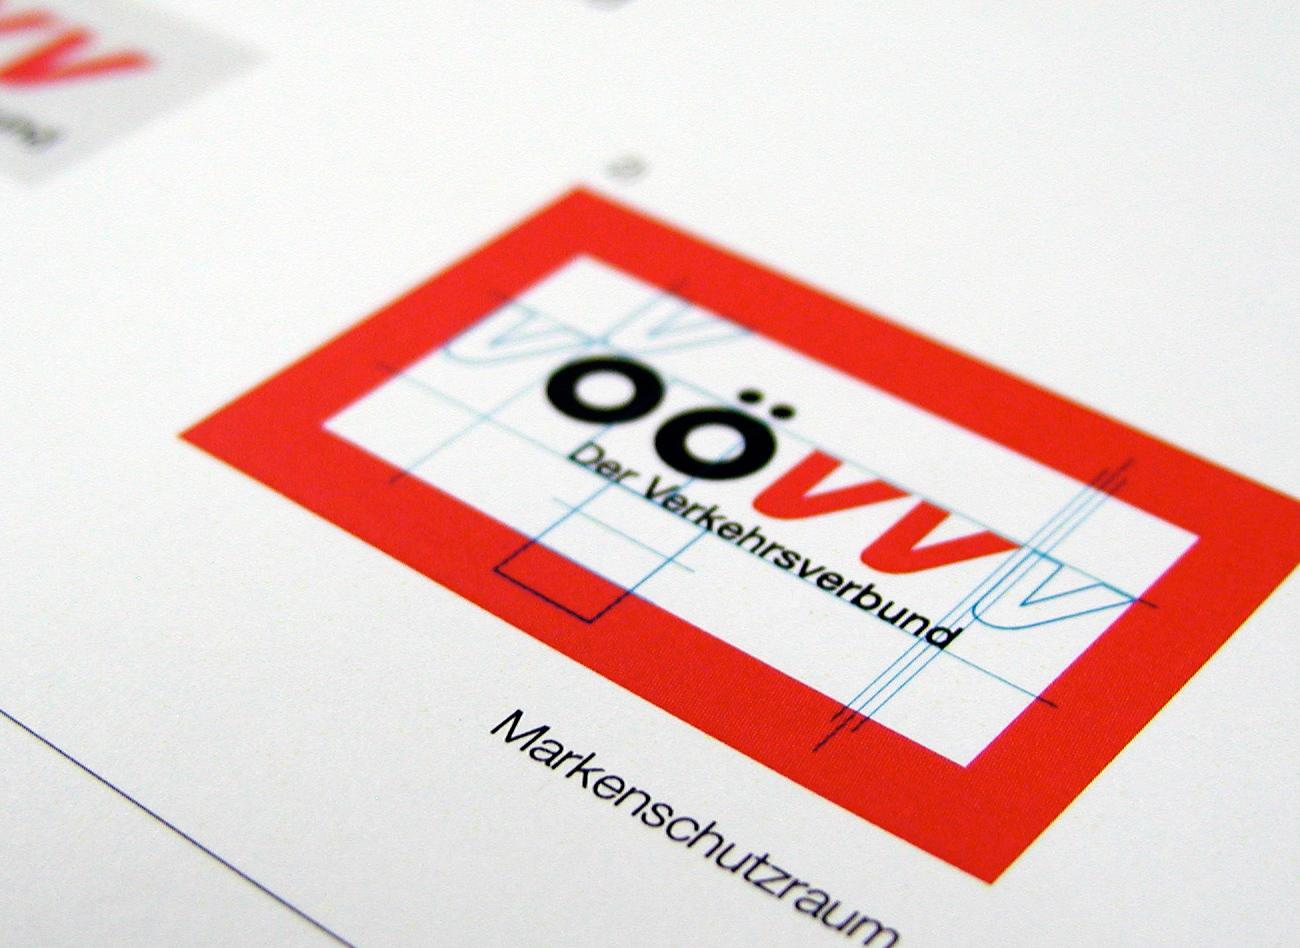 Corporate Design Manuals OÖ Verkehrsverbund. Das modular aufgebaute Ordnersystem bietet eine kostengünstige Erweiterungsmöglichkeit des Inhalts.